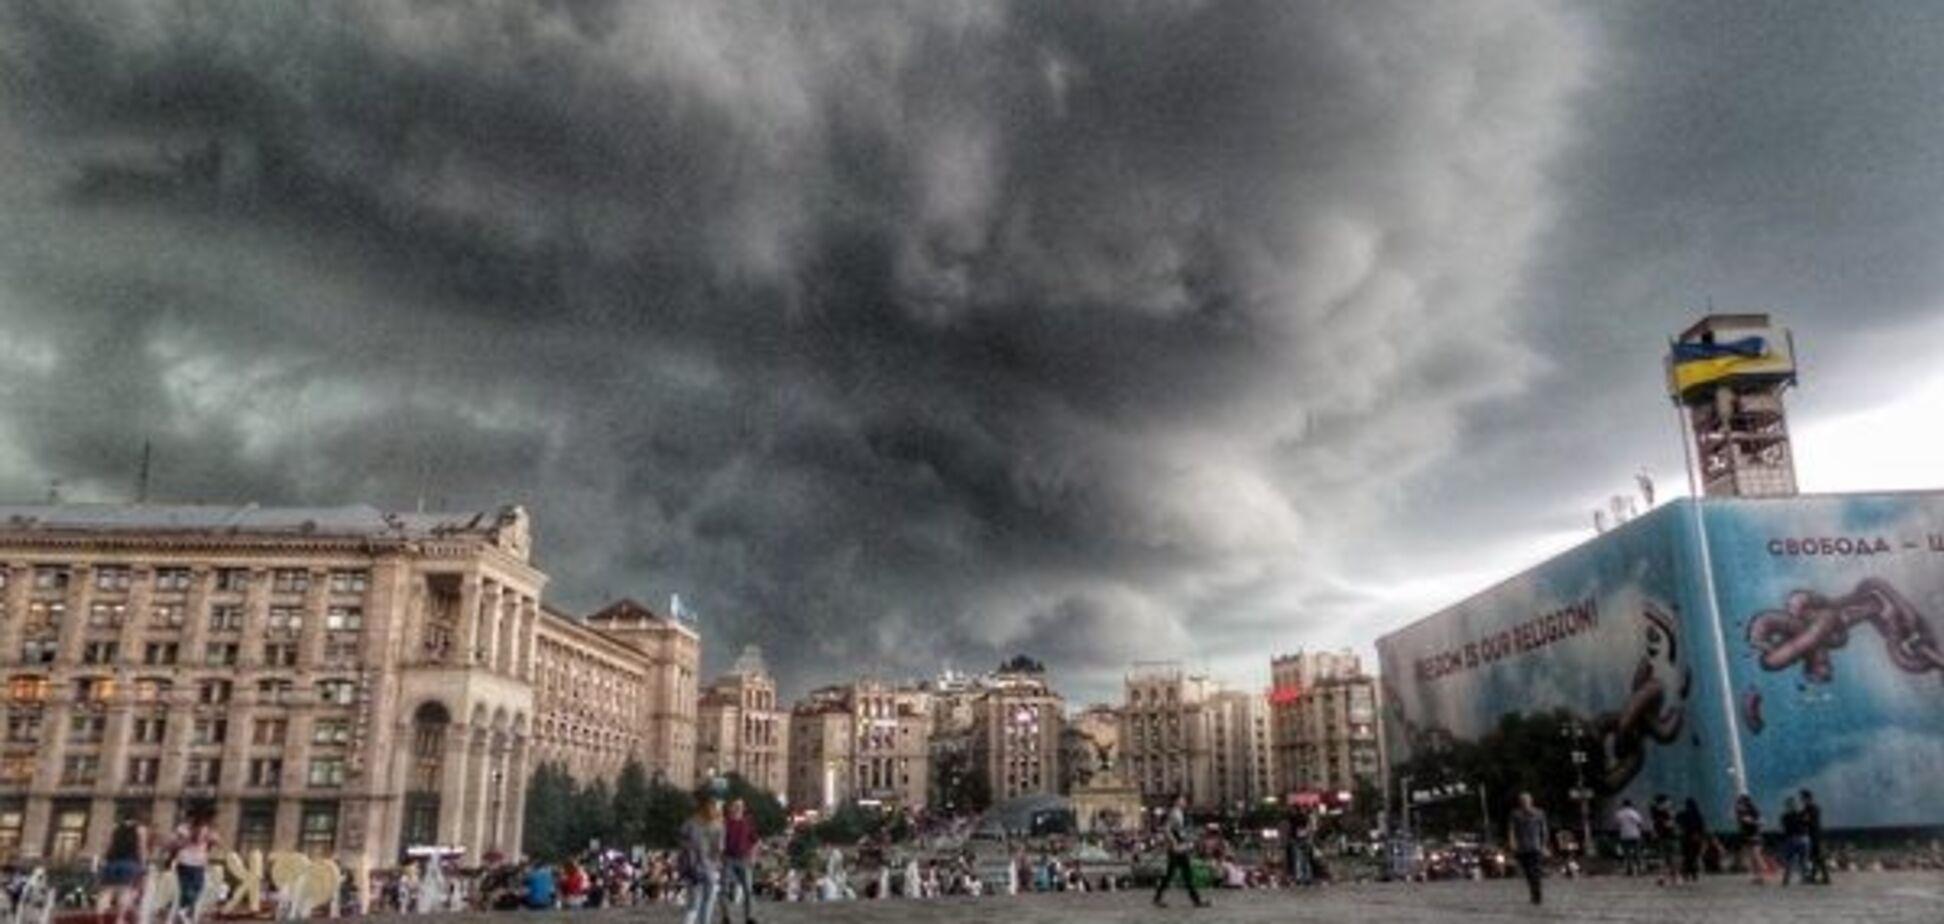 'Кліматична зброя РФ': синоптик розвінчала міф і дала прогноз на вихідні